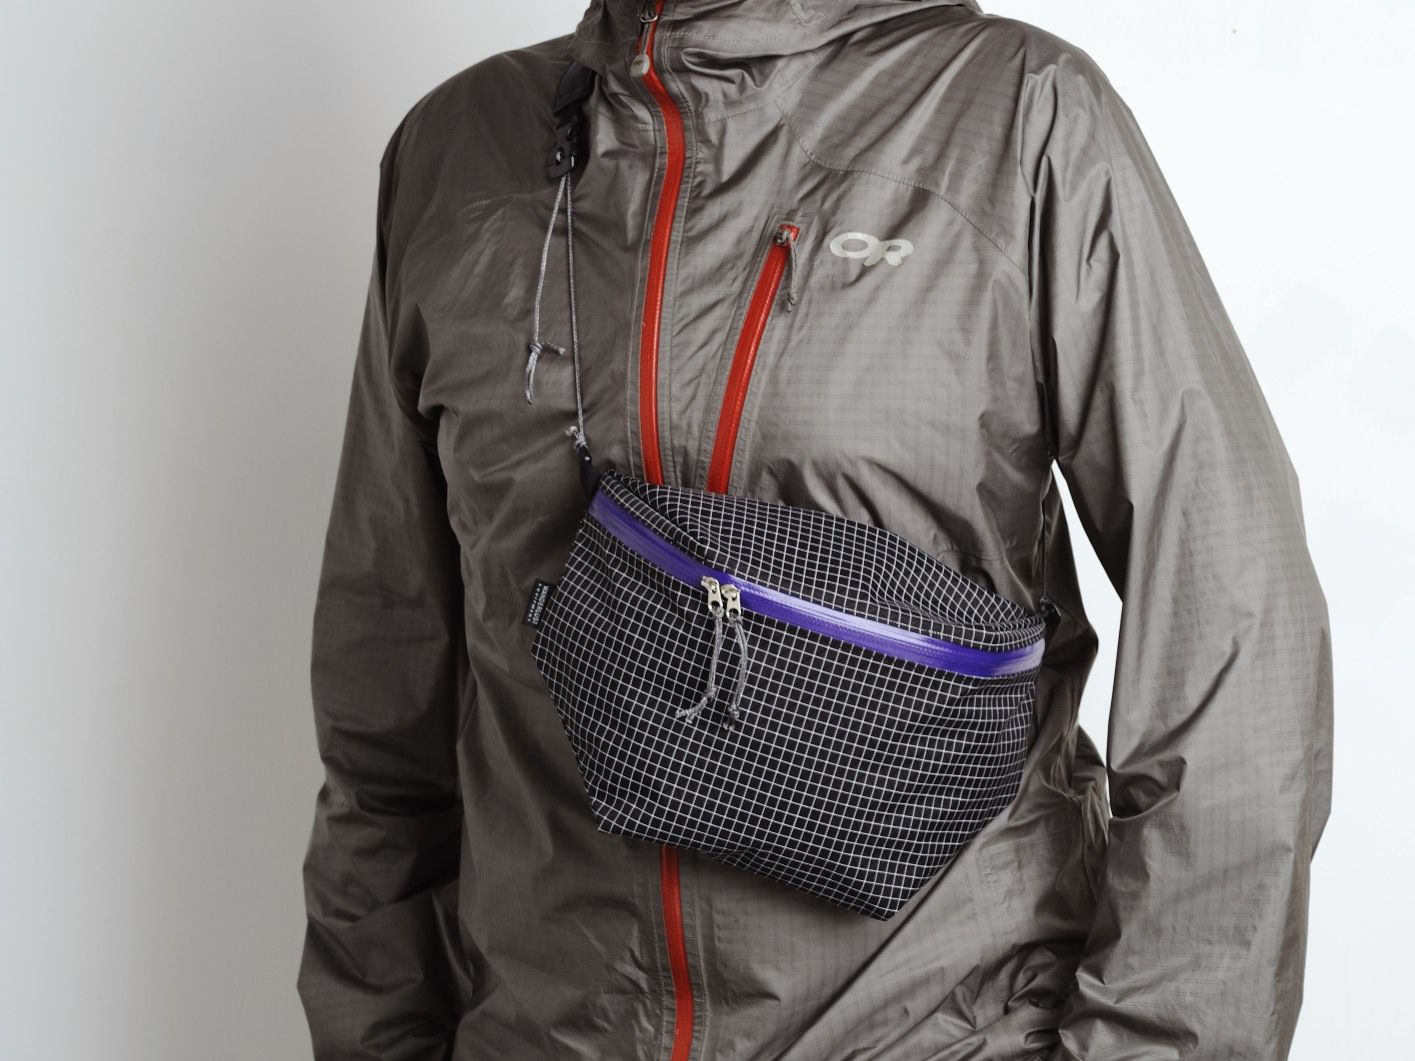 Khampa La Pack カンパ ラ パック ショルダーバッグ ウルトラライトバックパッキング バッグ